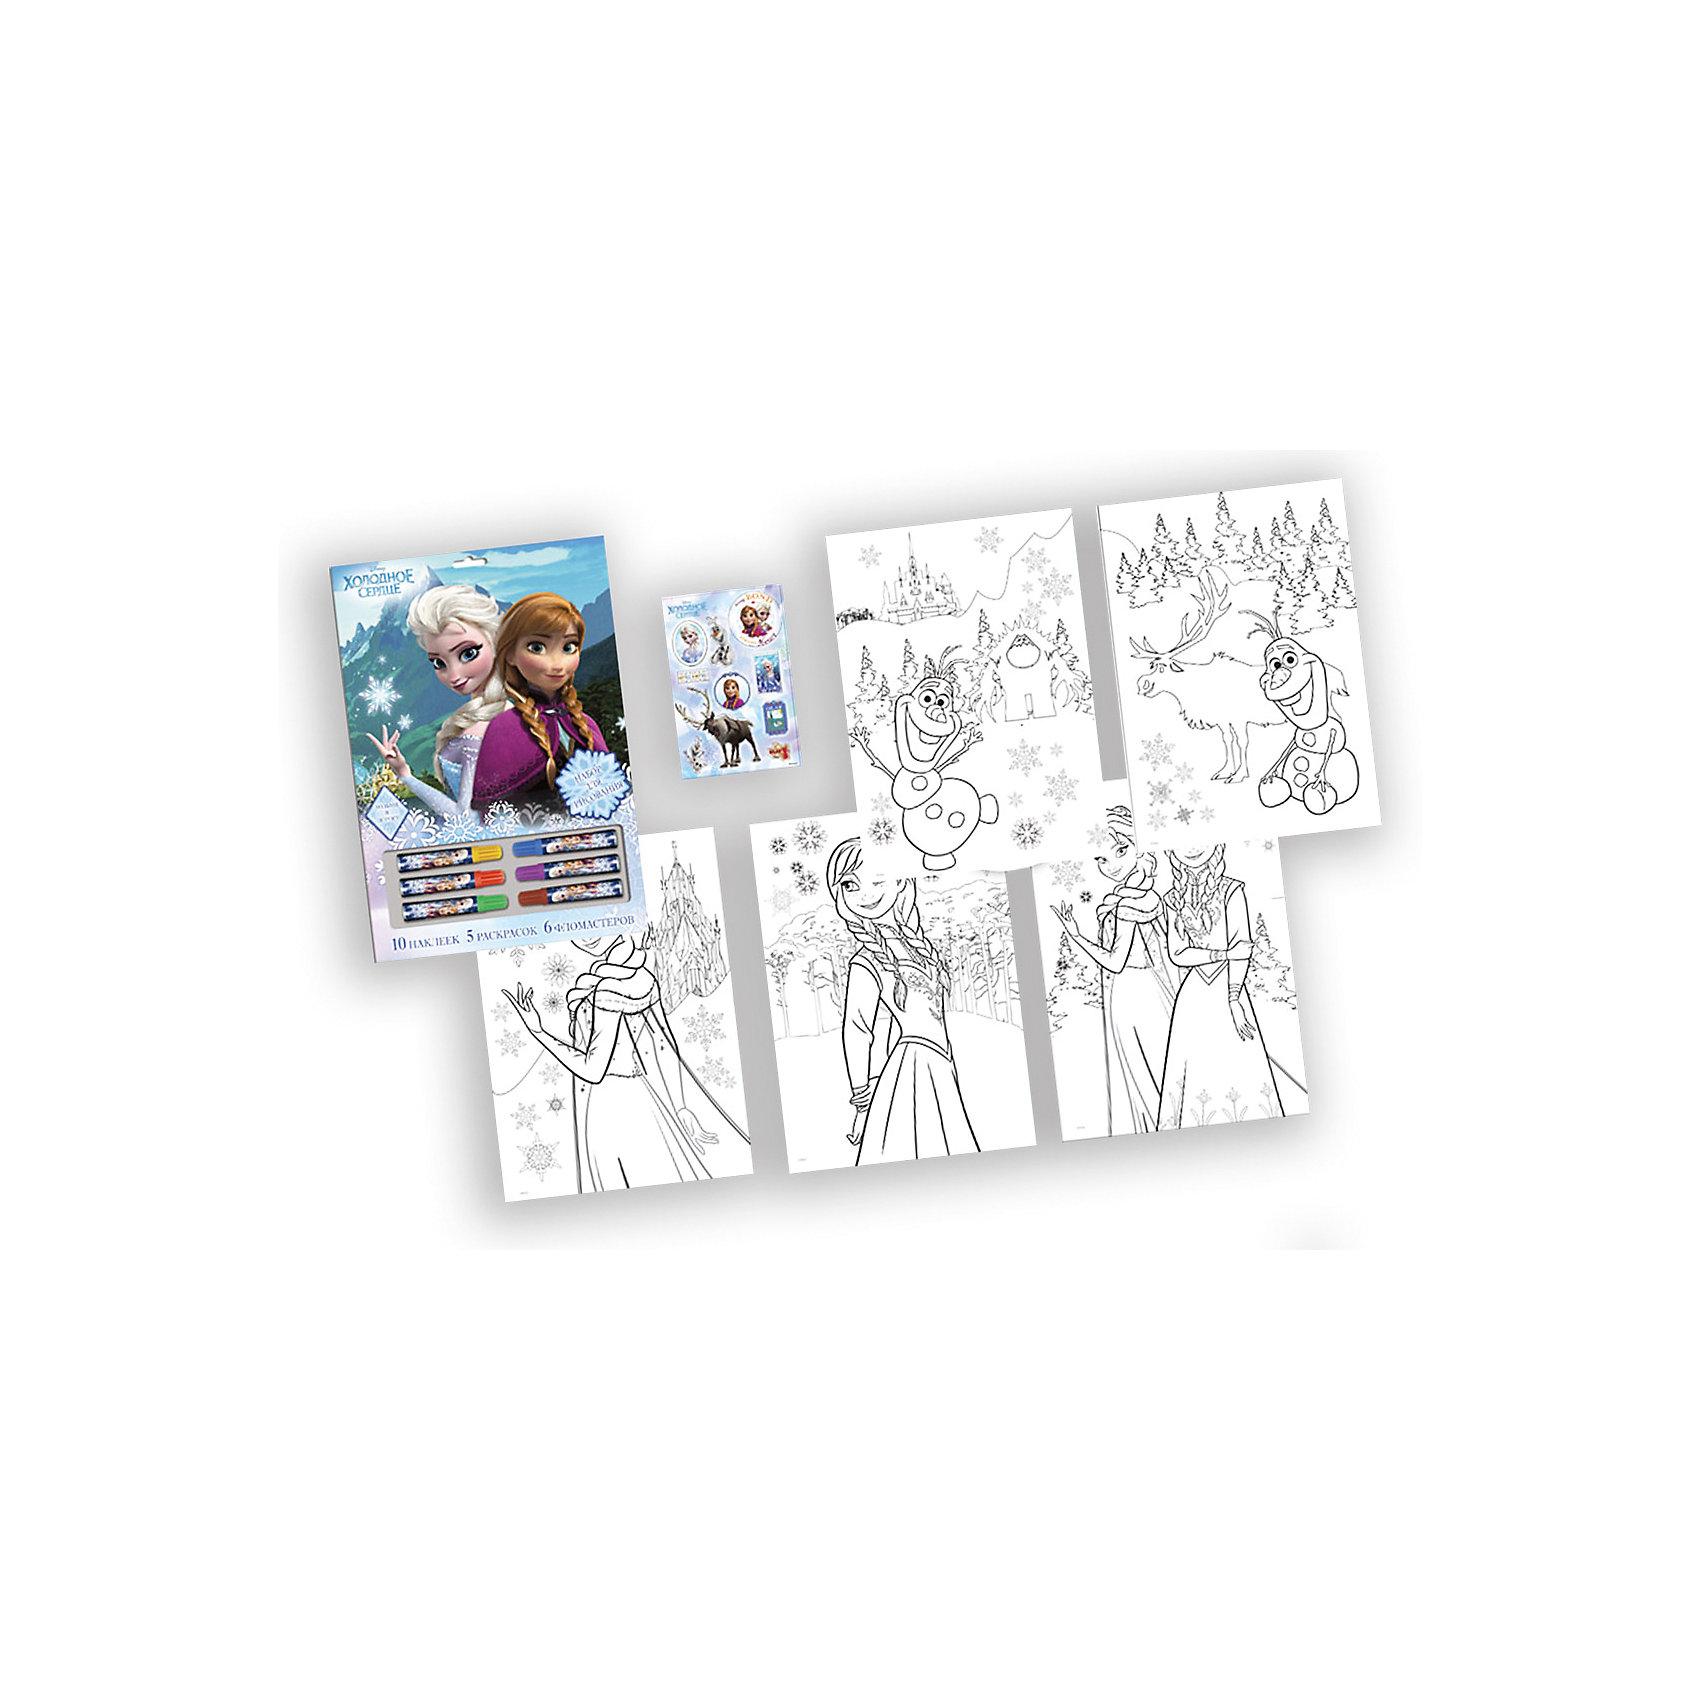 Набор для рисования Холодное сердцеХолодное Сердце<br>Набор для рисования Холодное сердце, Limpopo (Лимпопо)<br><br>Характеристики:<br><br>• раскраски с персонажами мультфильма<br>• яркие цвета<br>• в комплекте: 5 раскрасок, фломастеры (6 шт.), 10 наклеек<br>• размер упаковки: 25х33х23 см<br>• вес: 130 грамм<br><br>Набор для рисования Холодное сердце порадует юную художницу. В него входят фломастеры, несколько раскрасок с изображением любимых героев мультфильма и наклейки. Ребенок сможет ярко раскрасить картинку, а затем украсить ее наклейками. Холодное сердце - прекрасный подарок для маленьких художников!<br><br>Набор для рисования Холодное сердце, Limpopo (Лимпопо)вы можете купить в нашем интернет-магазине.<br><br>Ширина мм: 230<br>Глубина мм: 330<br>Высота мм: 250<br>Вес г: 130<br>Возраст от месяцев: 48<br>Возраст до месяцев: 144<br>Пол: Женский<br>Возраст: Детский<br>SKU: 5390308